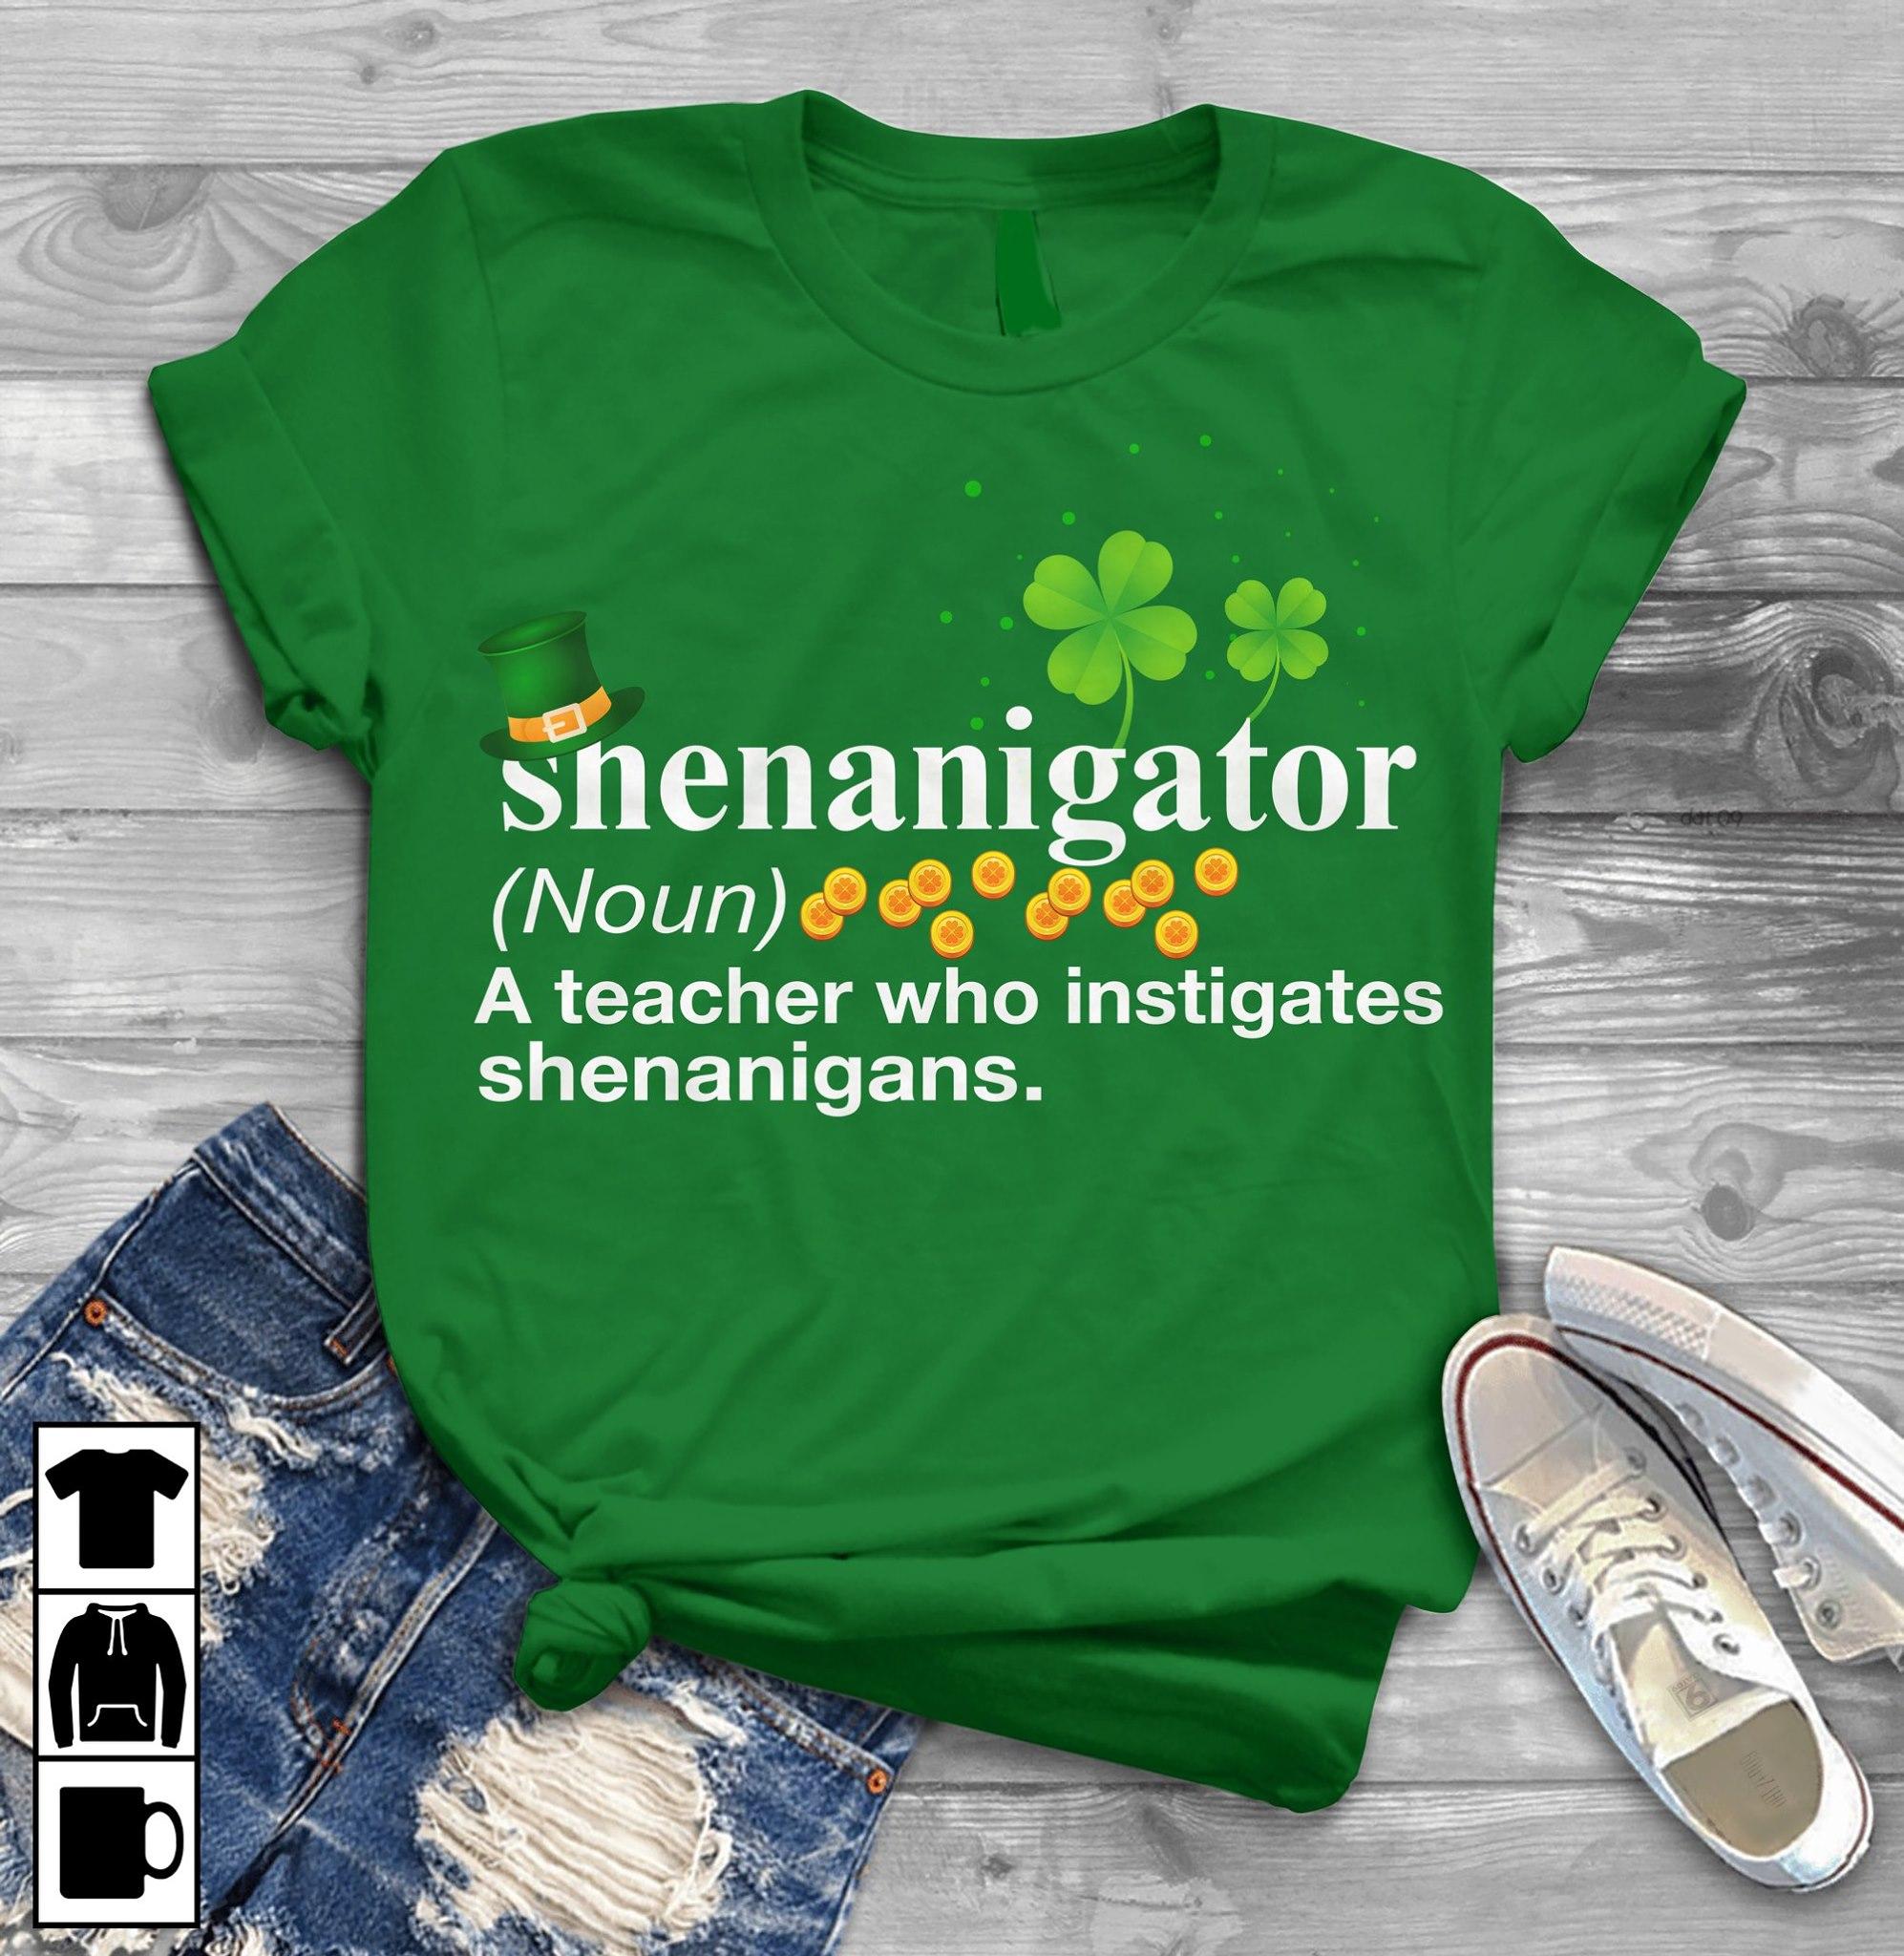 Teacher St Patrick Day Shirt ShenanigatorDefinition